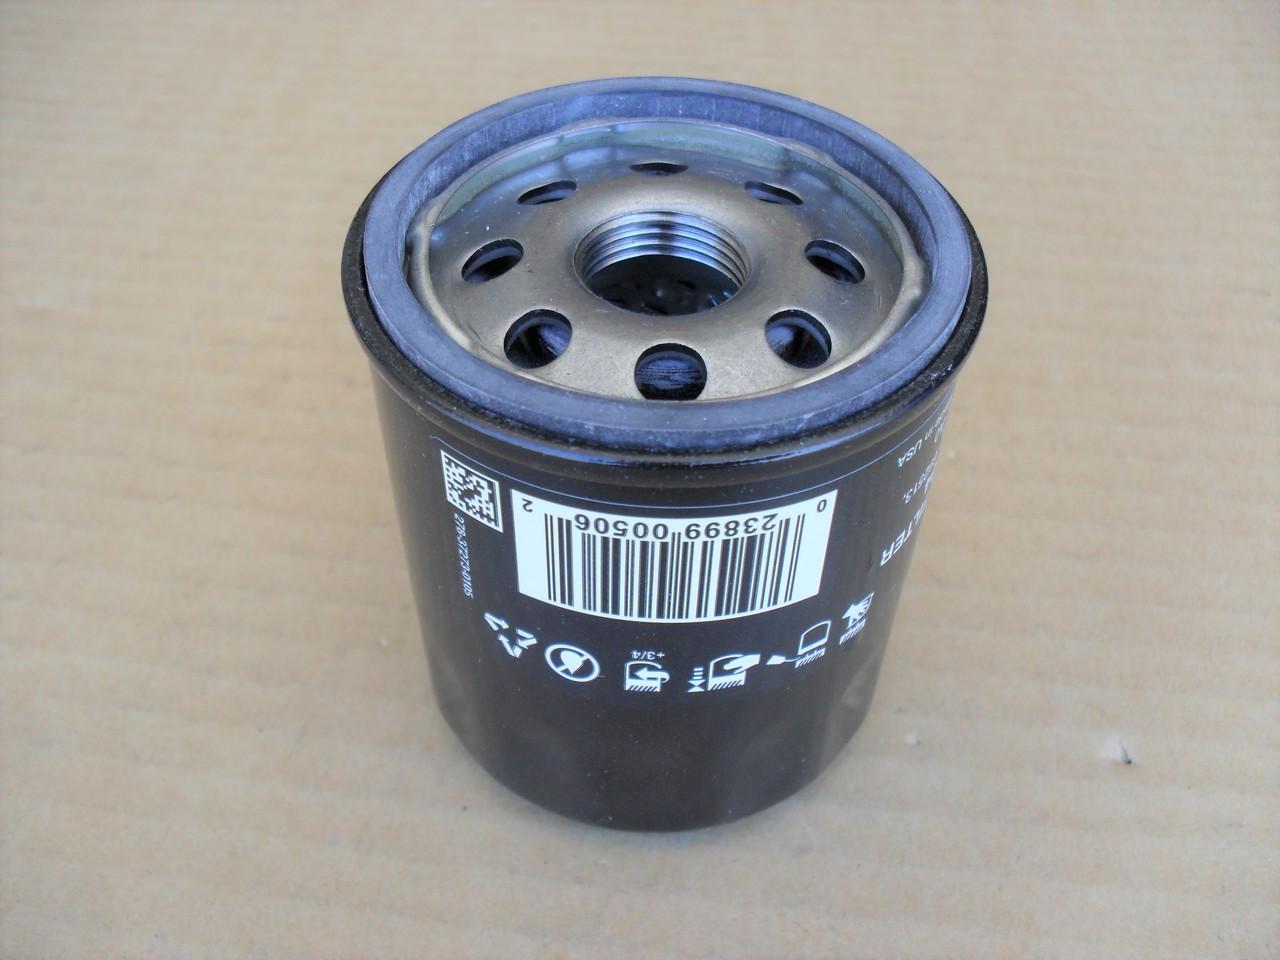 Oil Filter for Onan E125V, 1220737, 122073703, 122-0737, 122-0737-03 Made  In USA